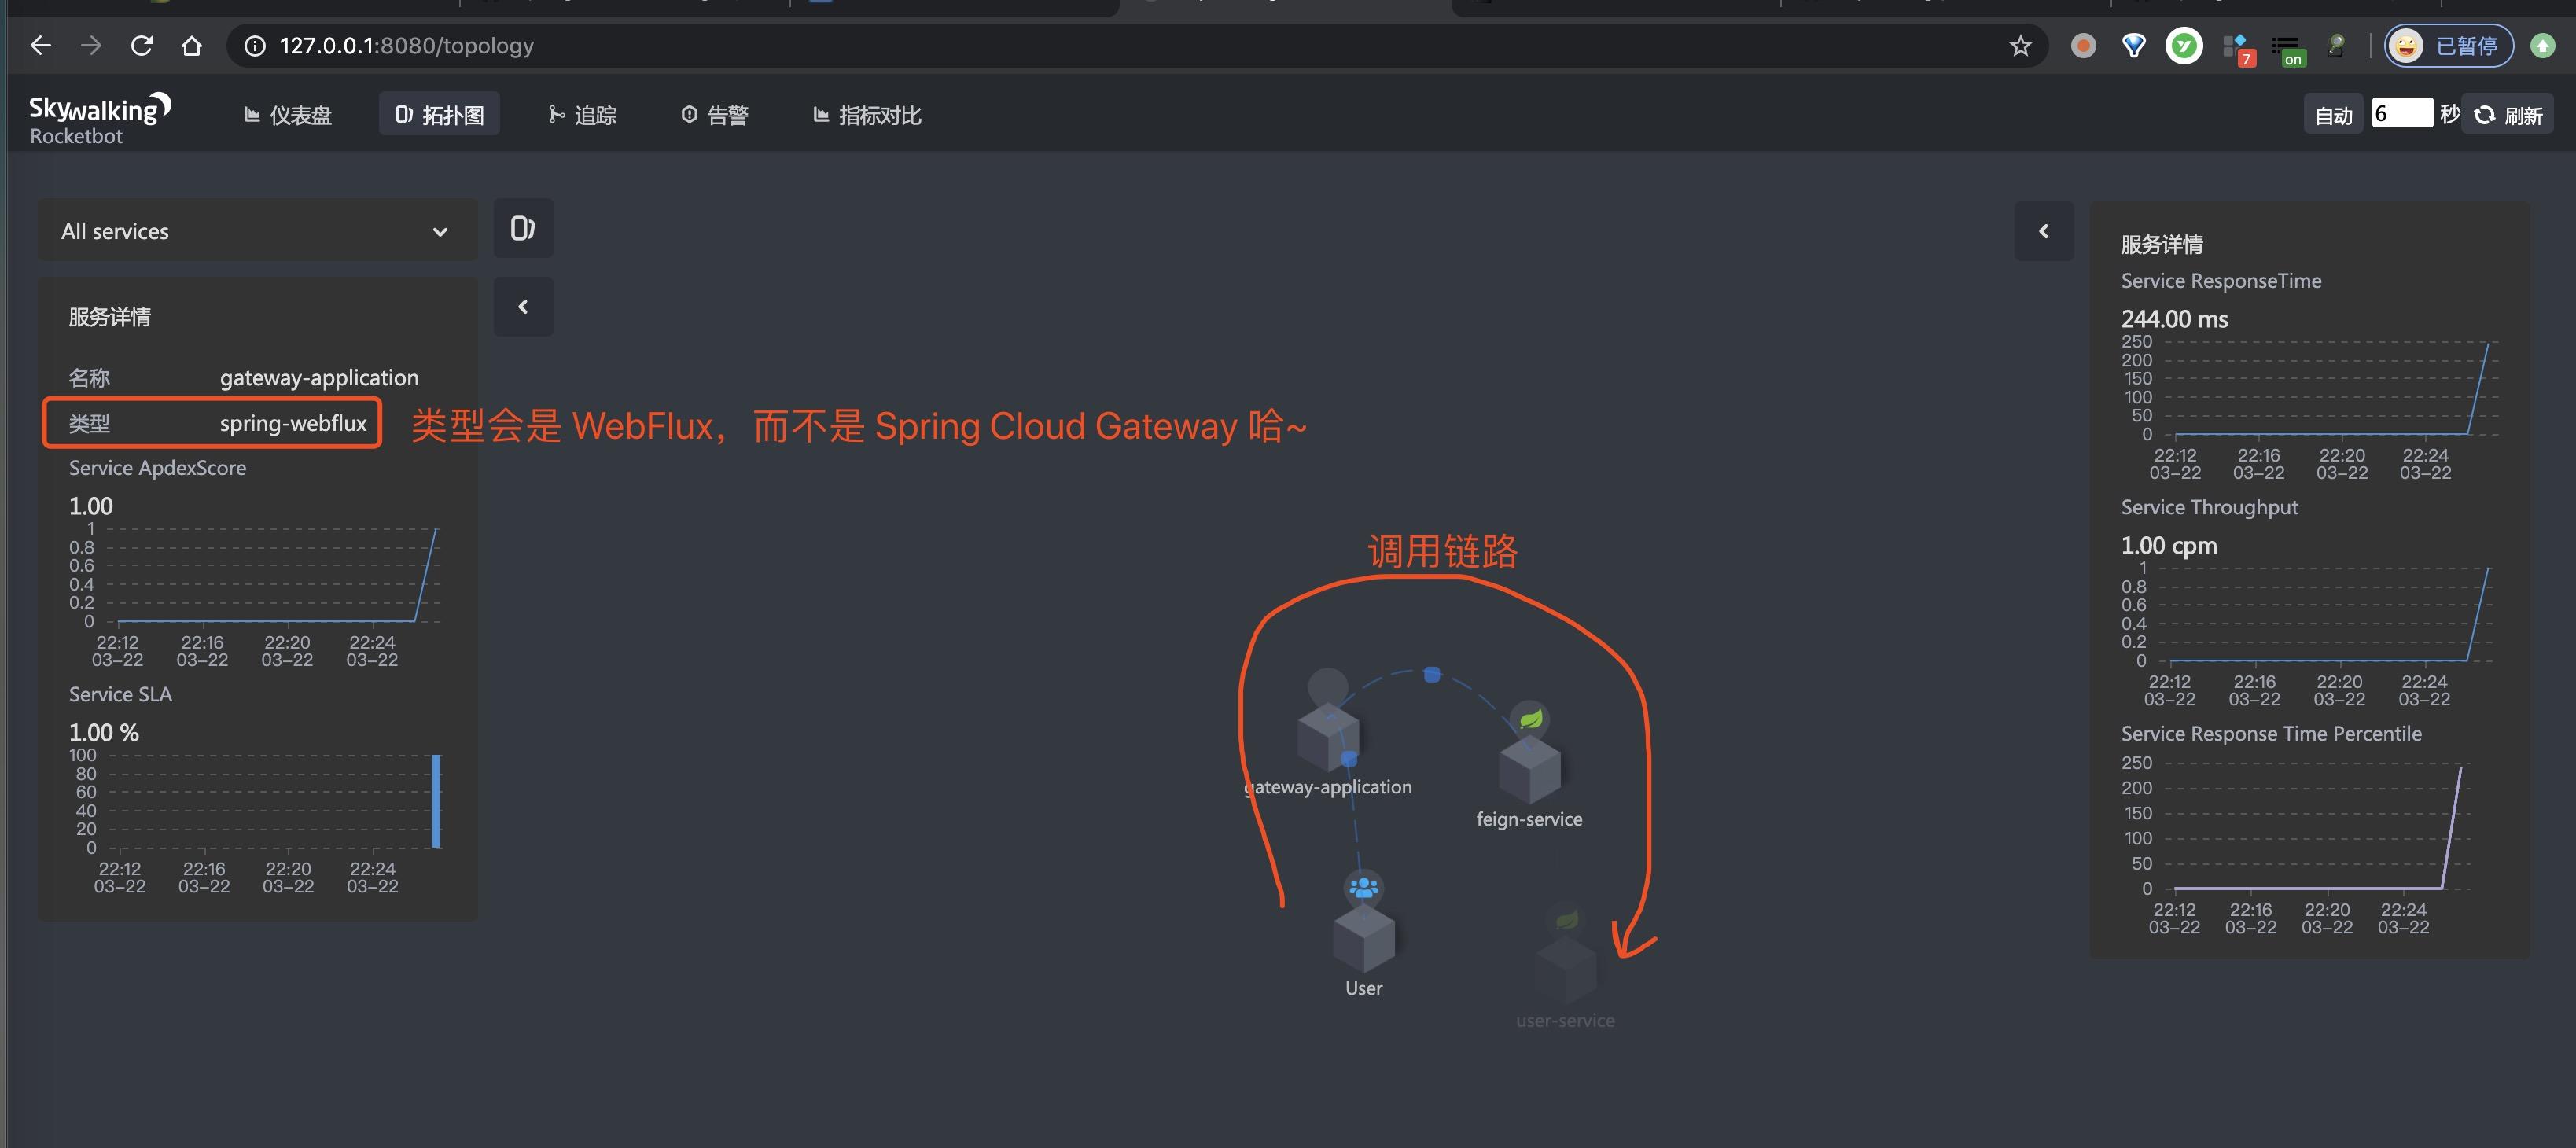 SkyWalking UI 界面 —— 拓扑图